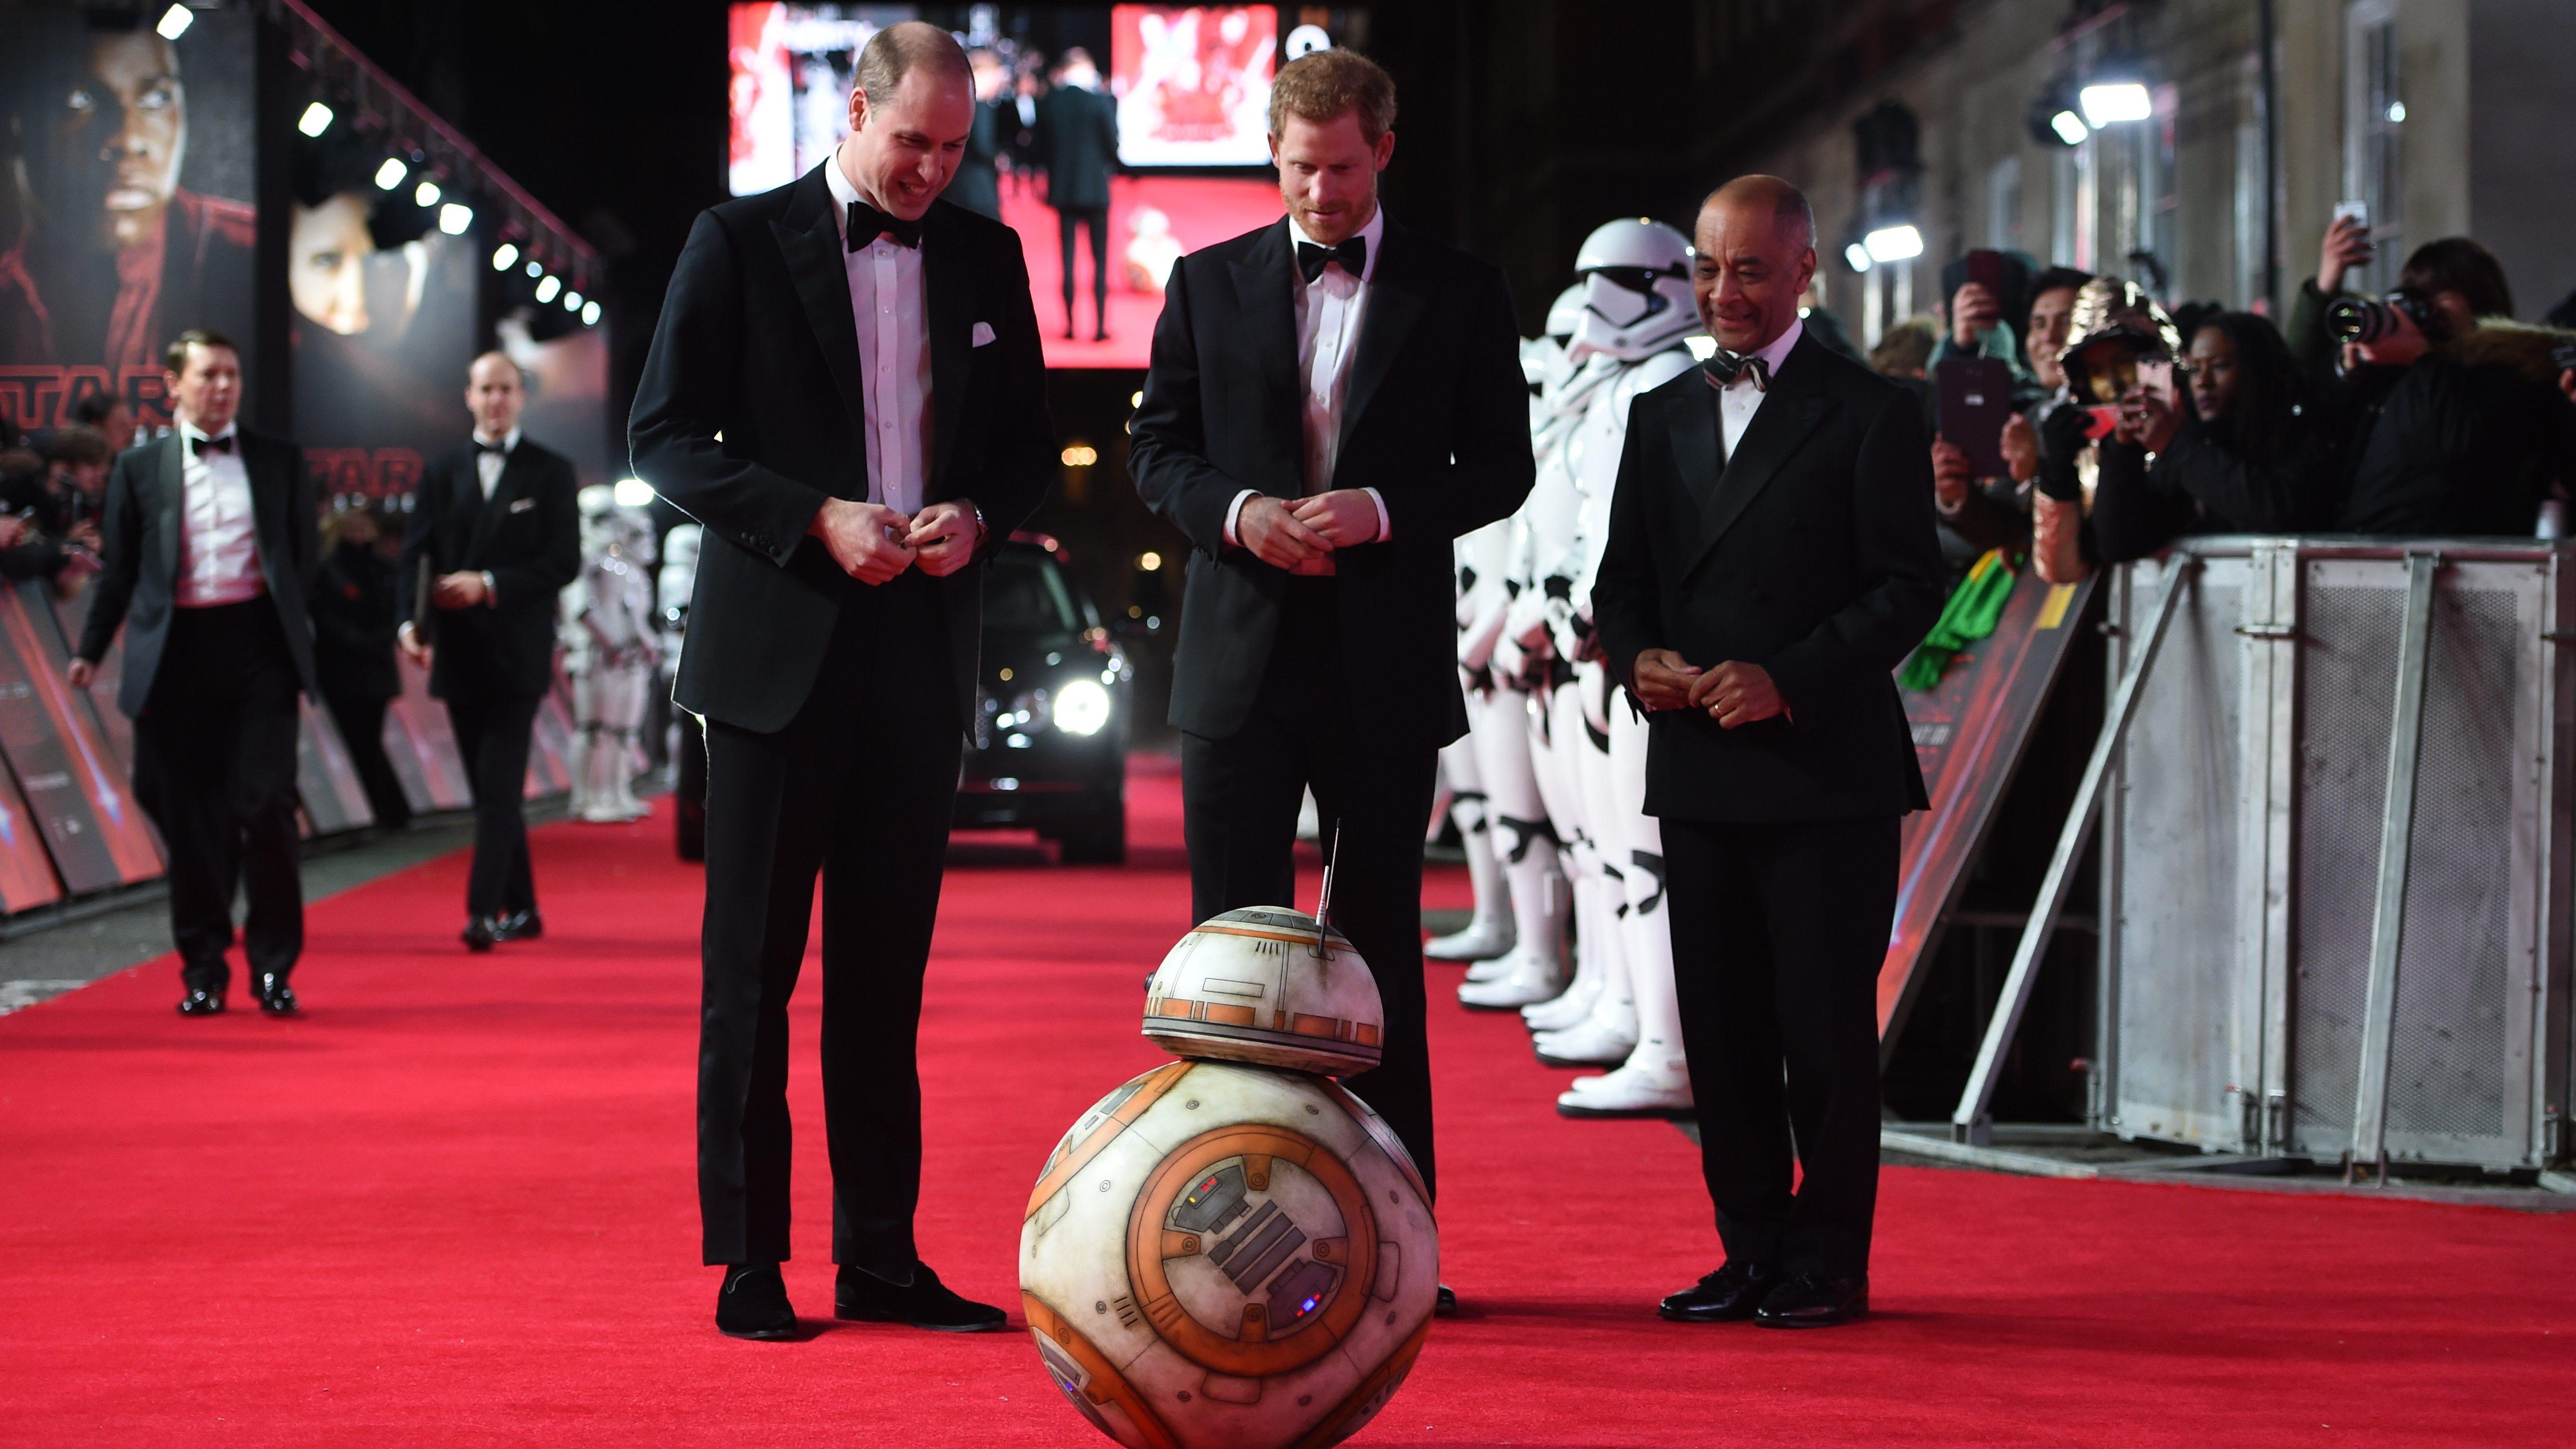 Britain Star Wars The Last Jedi Premiere